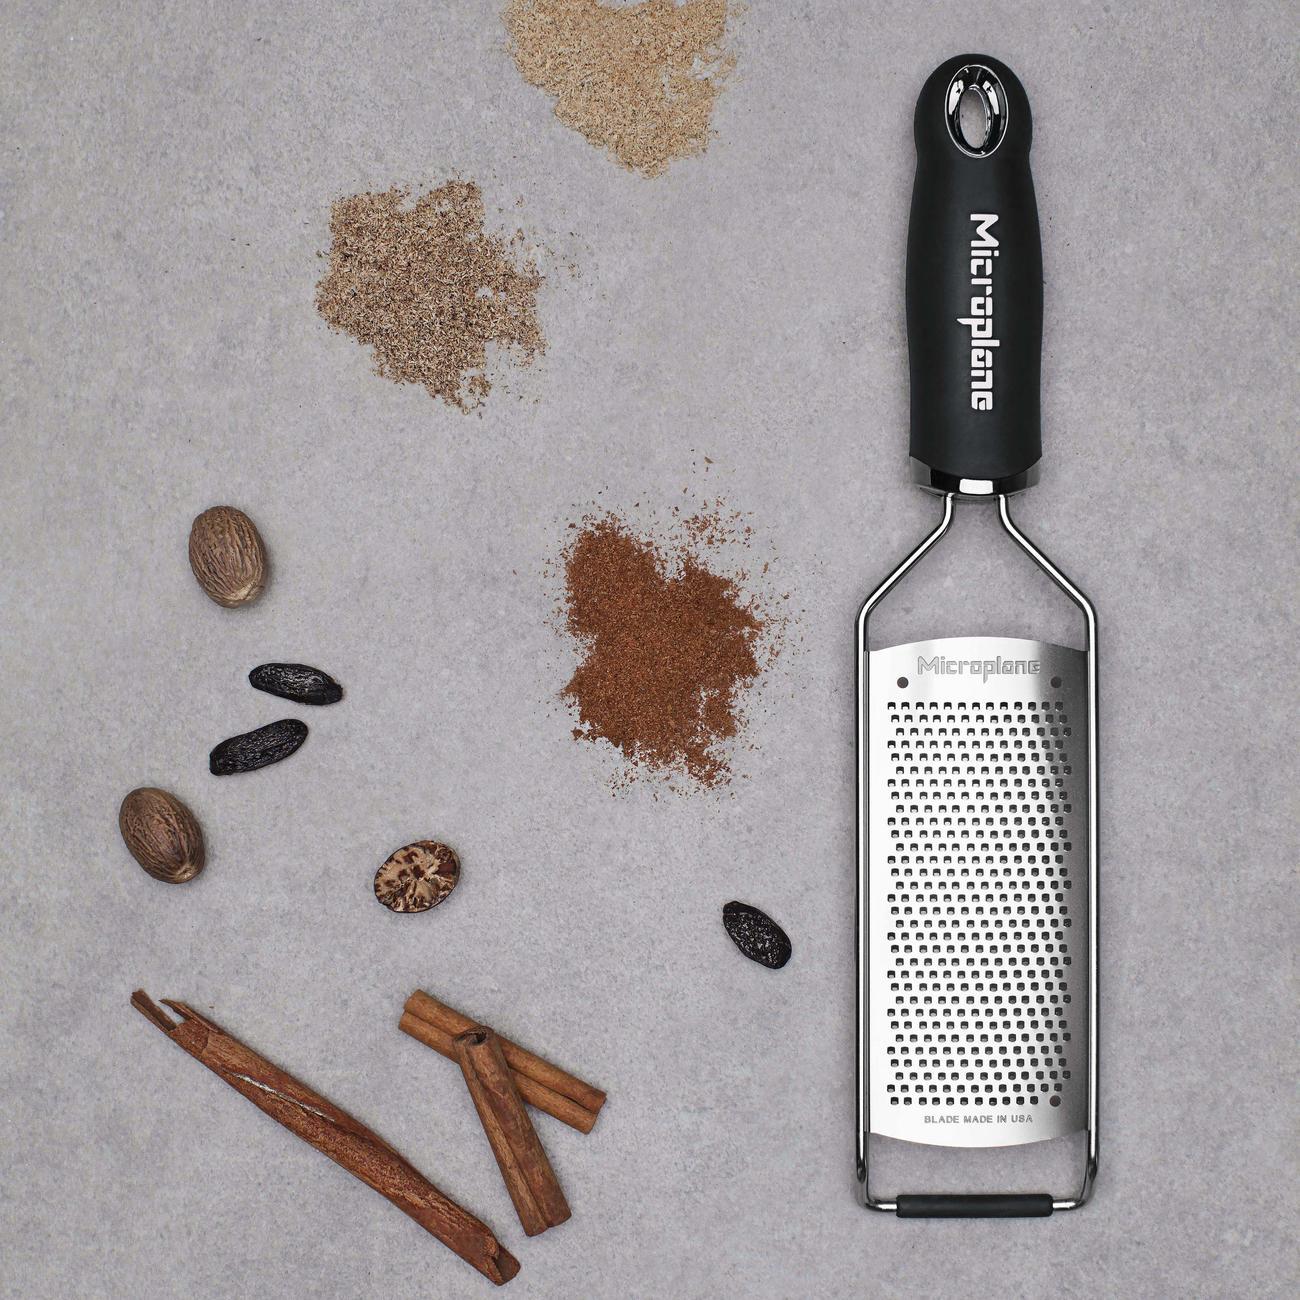 Acheter r pes de cuisine microplane en ligne pas cher for Acheter cuisine en ligne